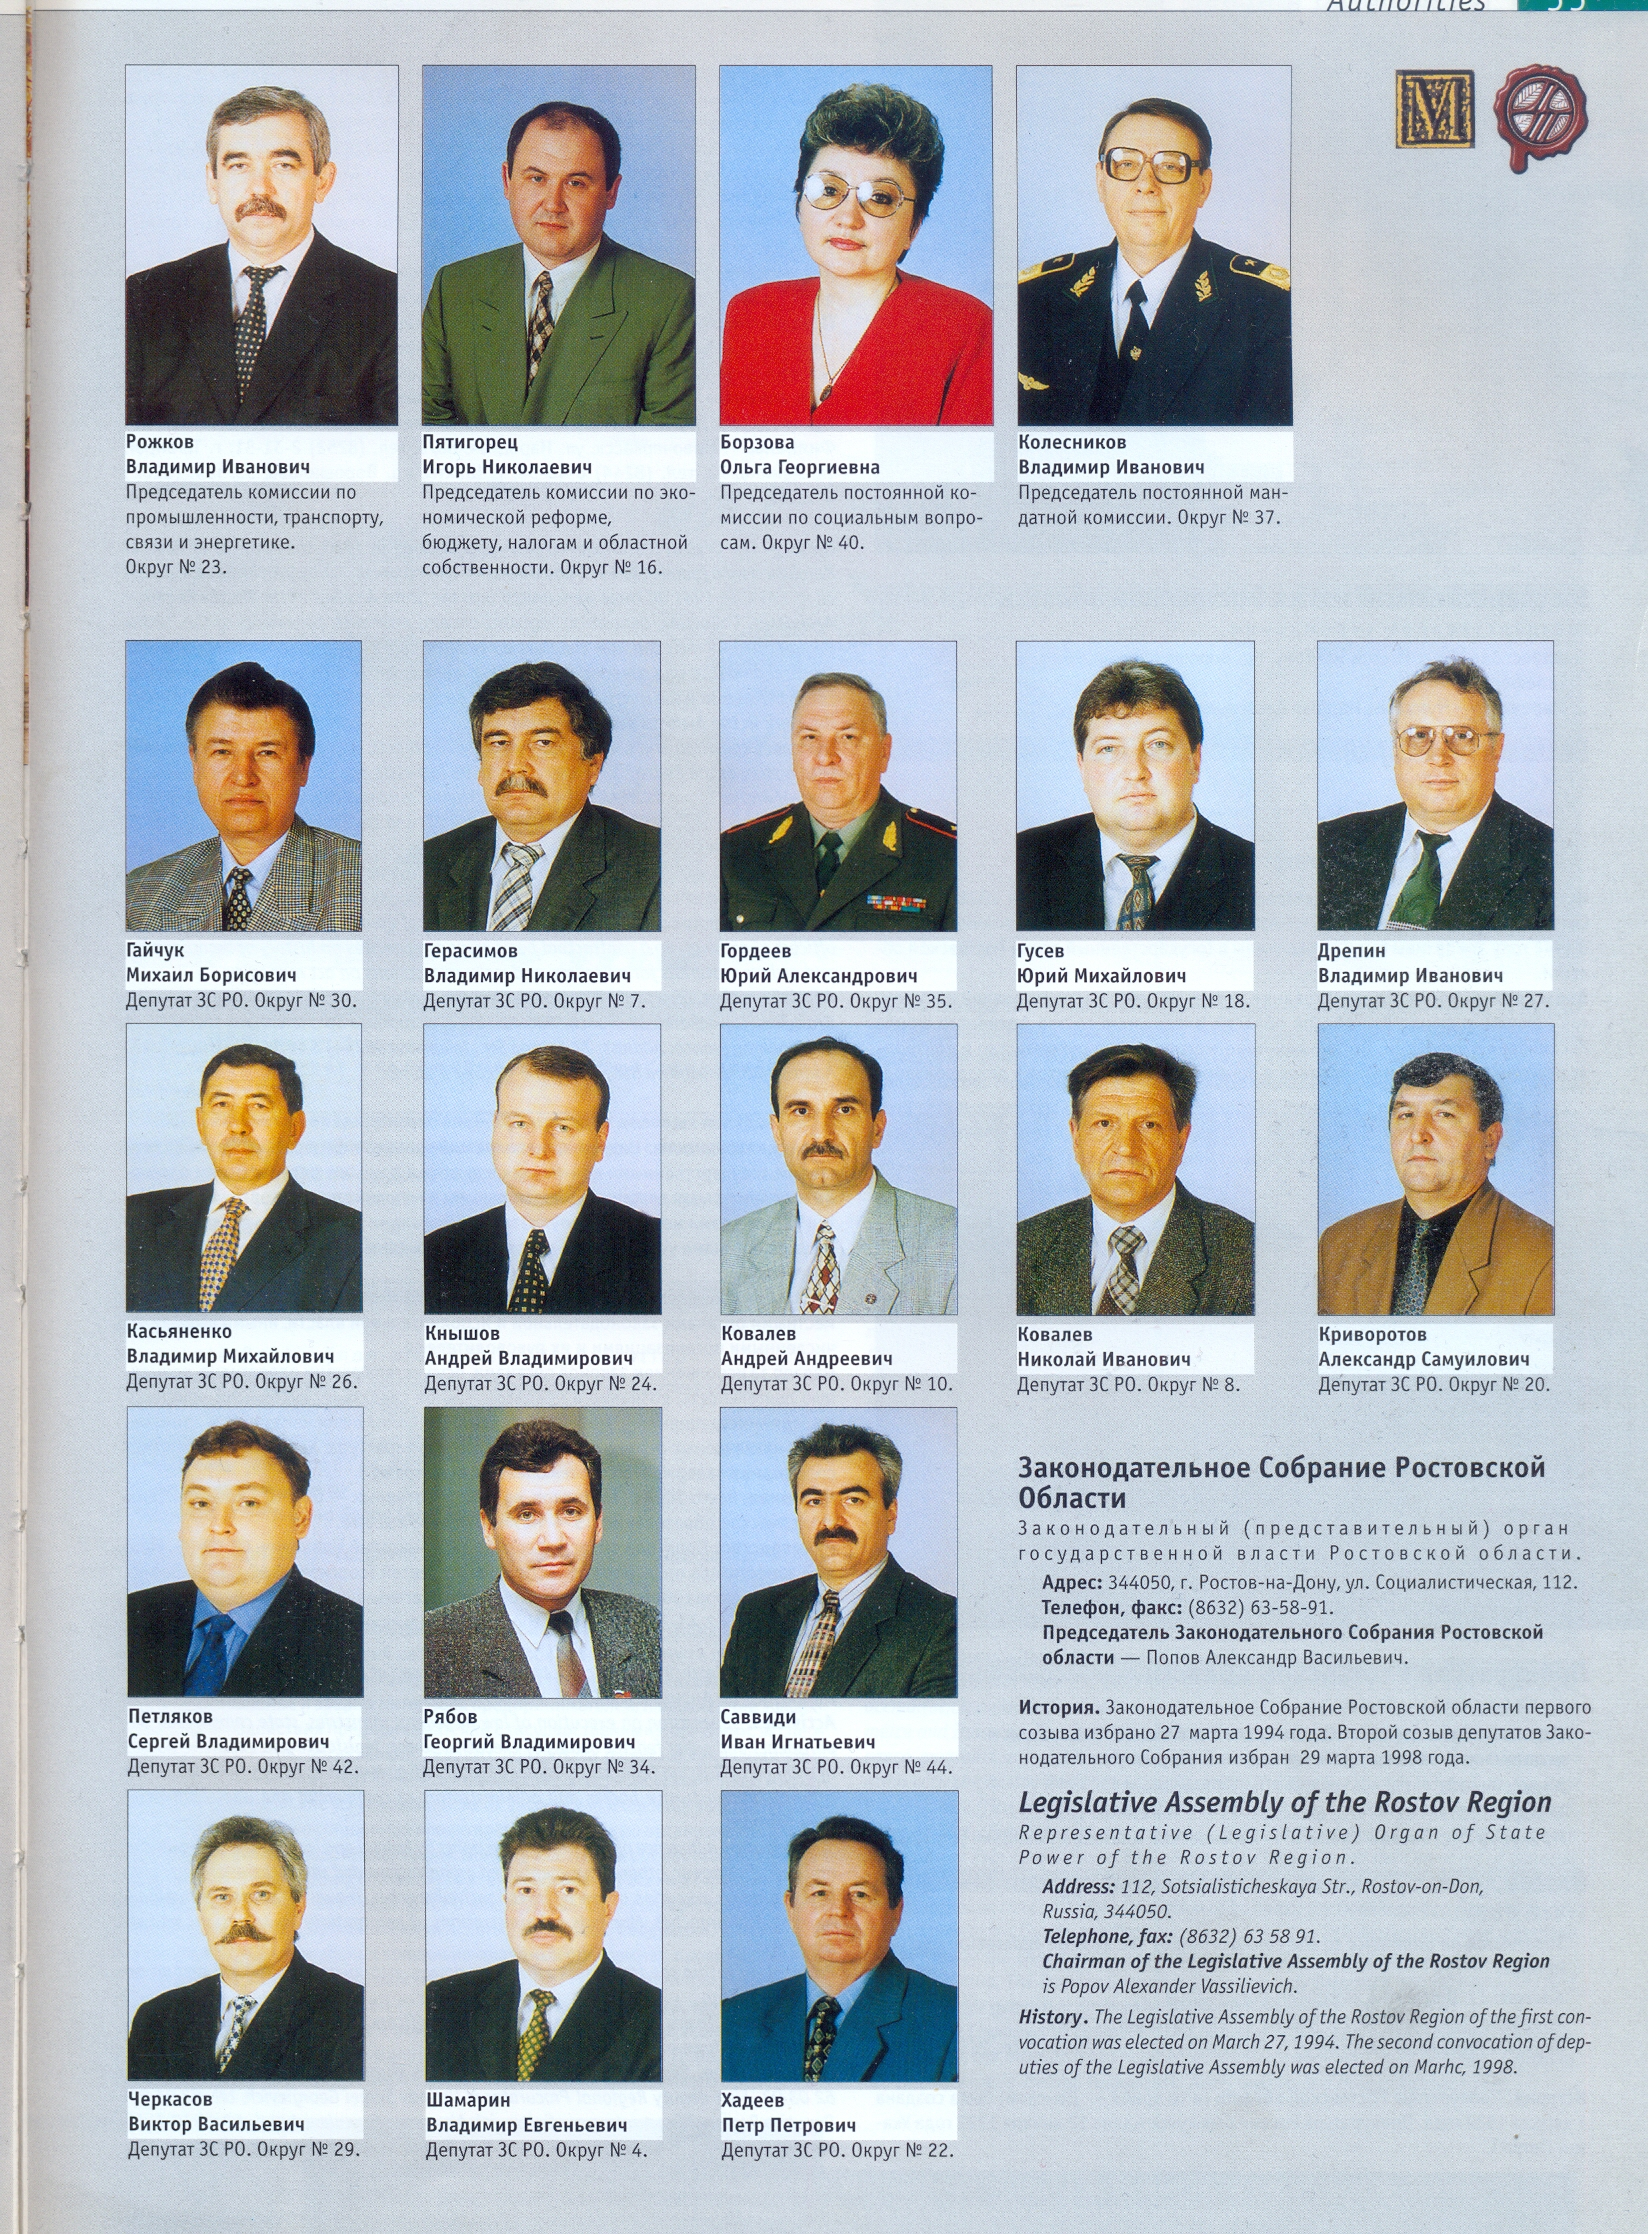 Есть такая профессия... Валентинович, Александр, депутат, Профессиональный, Сейчас, образца, Областная, Сроднился, кресле, депутатском, сидит, жизни, половину, ровно, Выходит, депутатам, депутатом, будущим, настоящим, родной